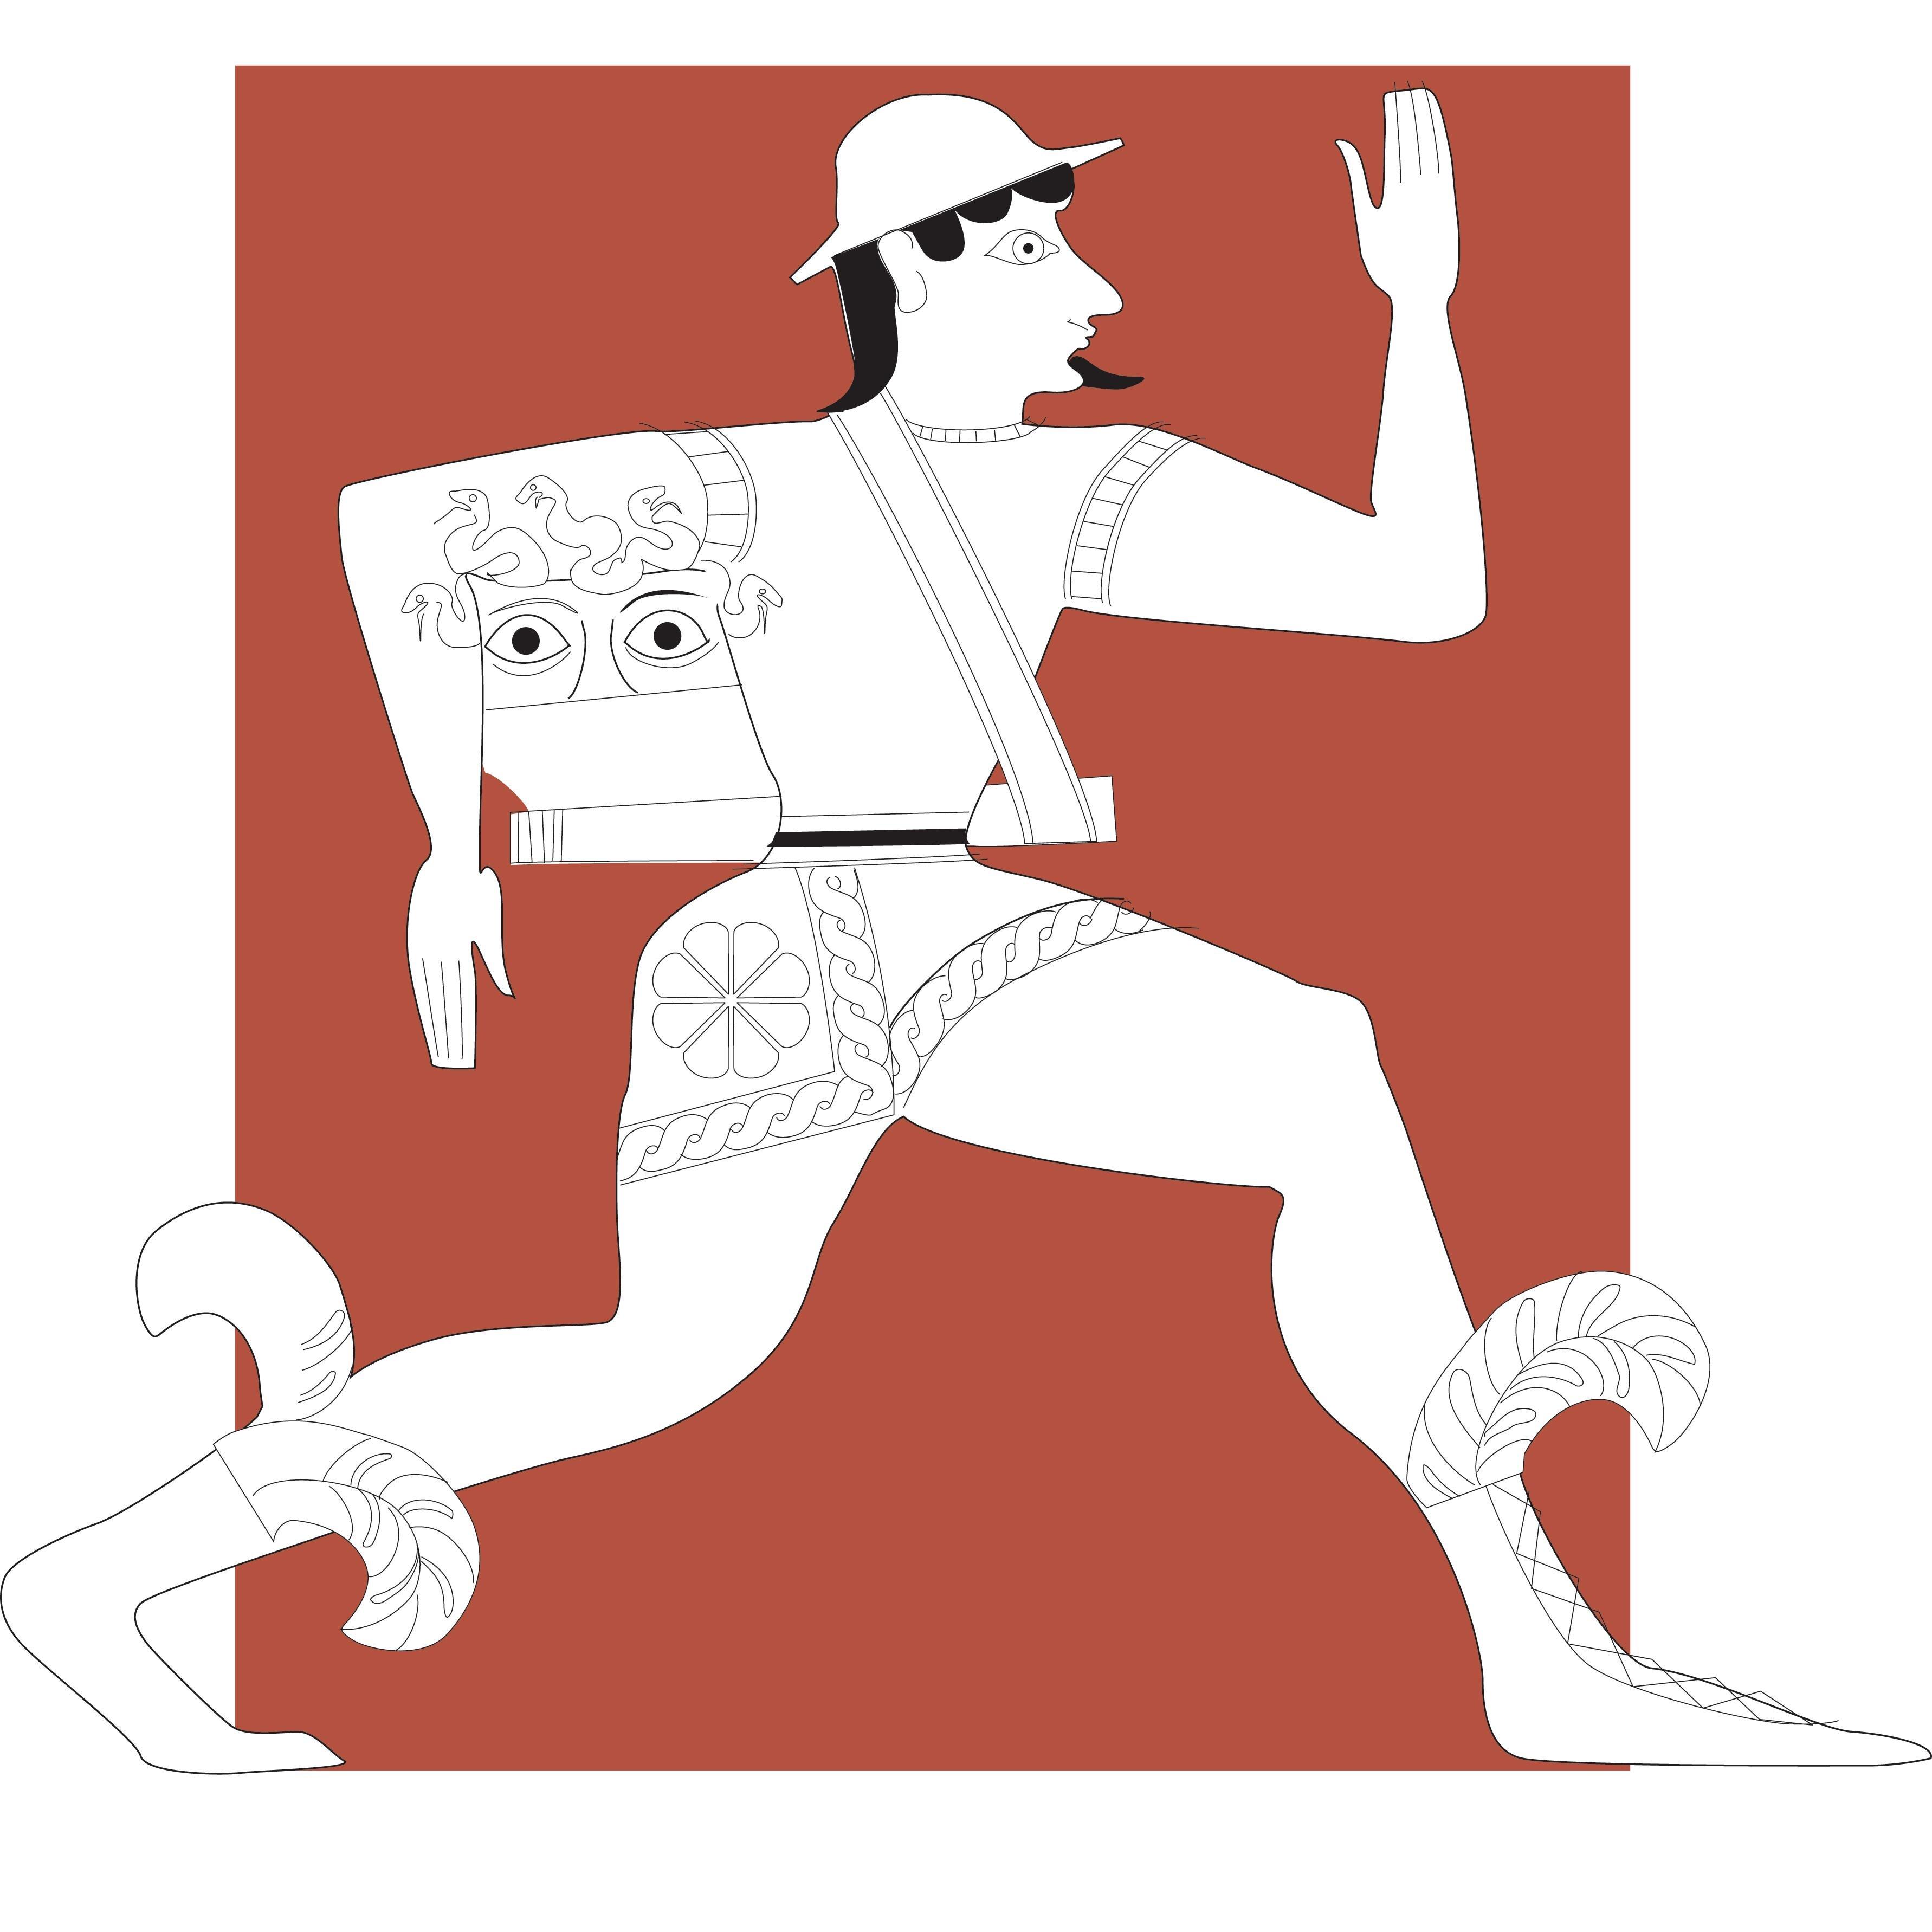 Perseus clipart greek person Perseus (@PerseusDigLib) Twitter DL Perseus